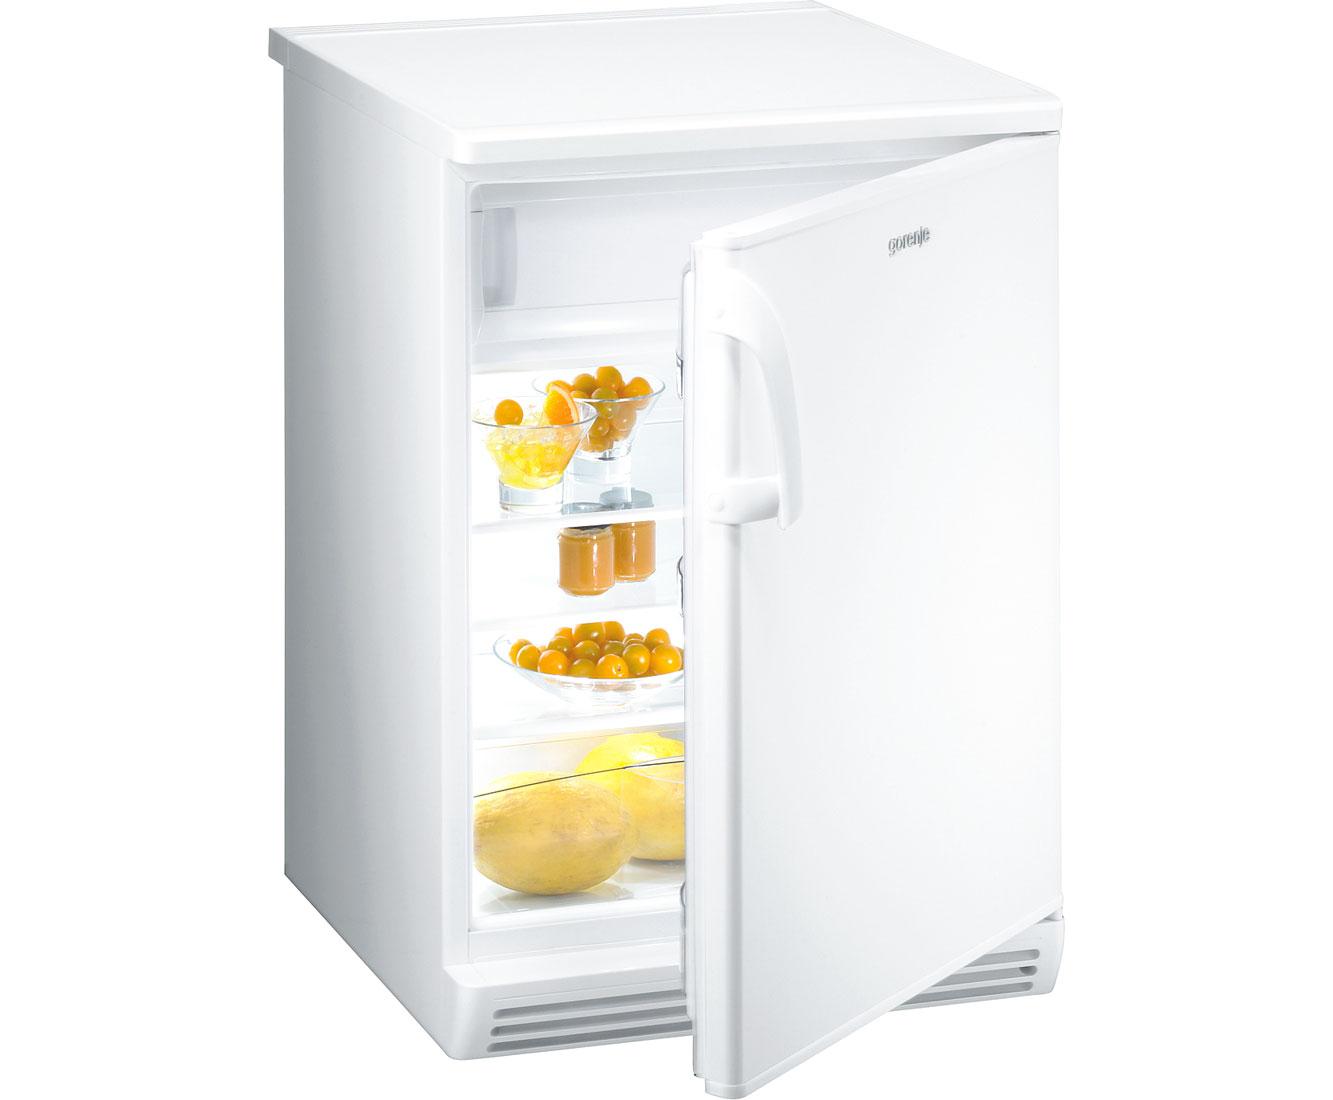 Gorenje RB 6093 AW Kühlschrank Mit Gefrierfach   Weiß, A+++